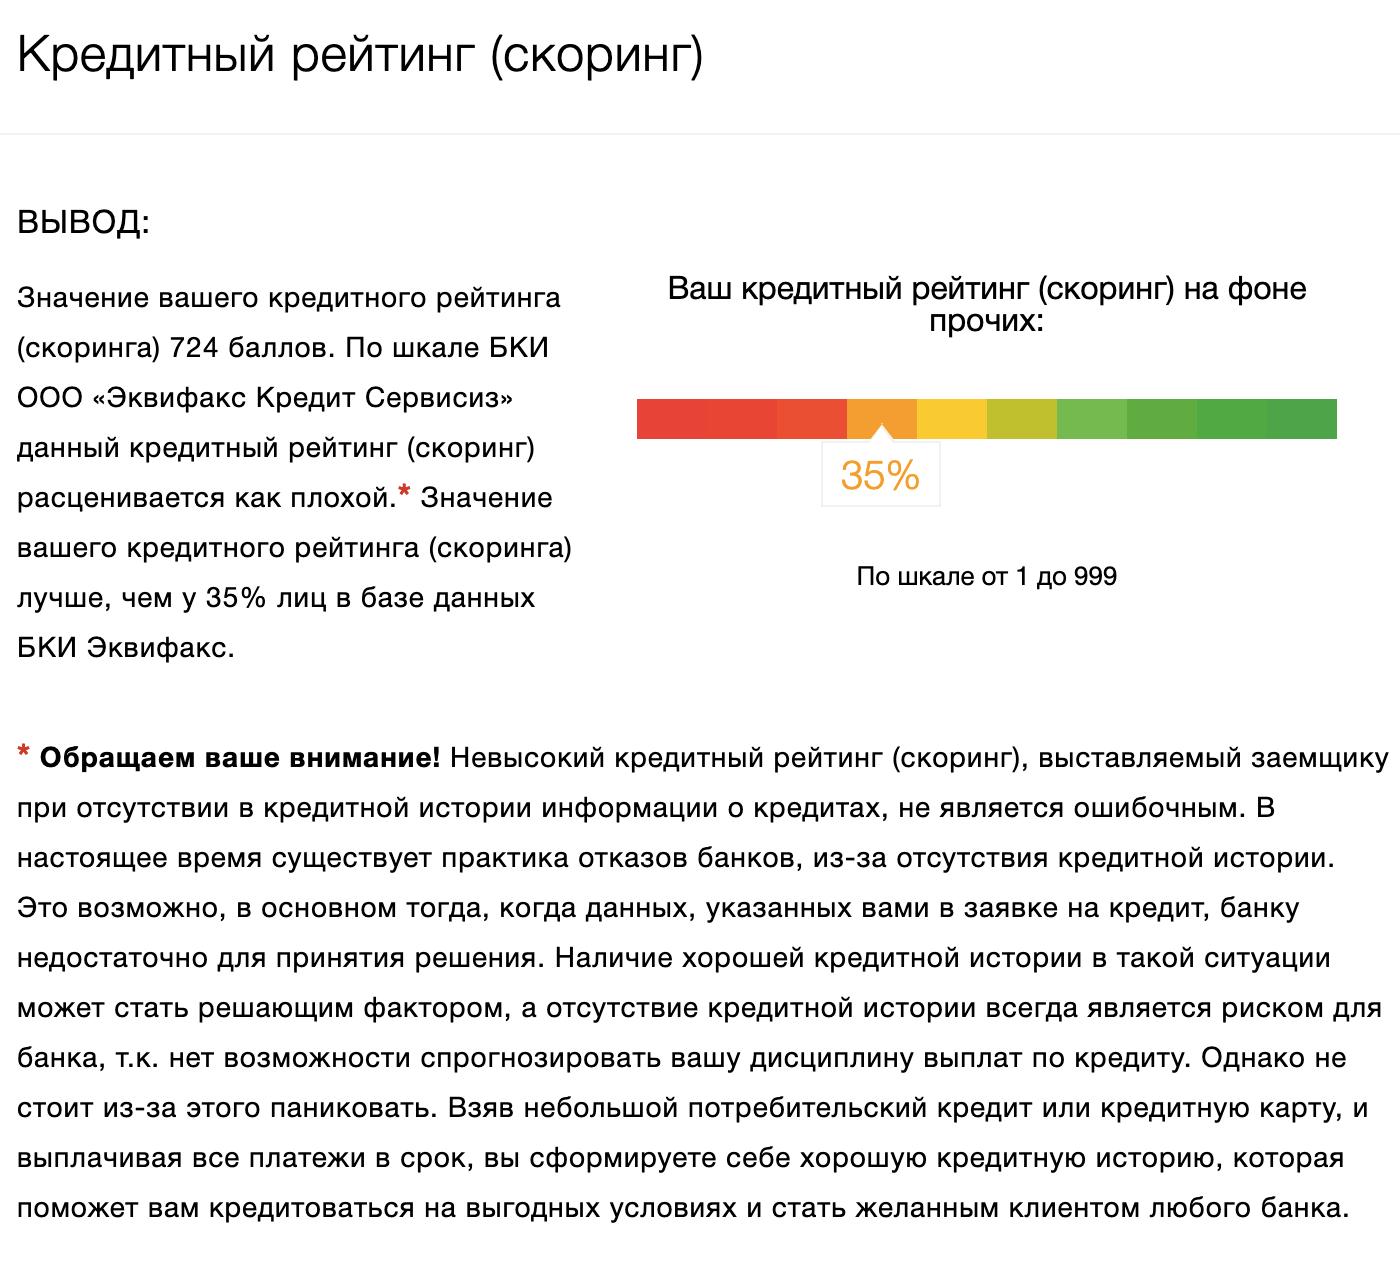 Расшифровка оценки от БКИ «Эквифакс»